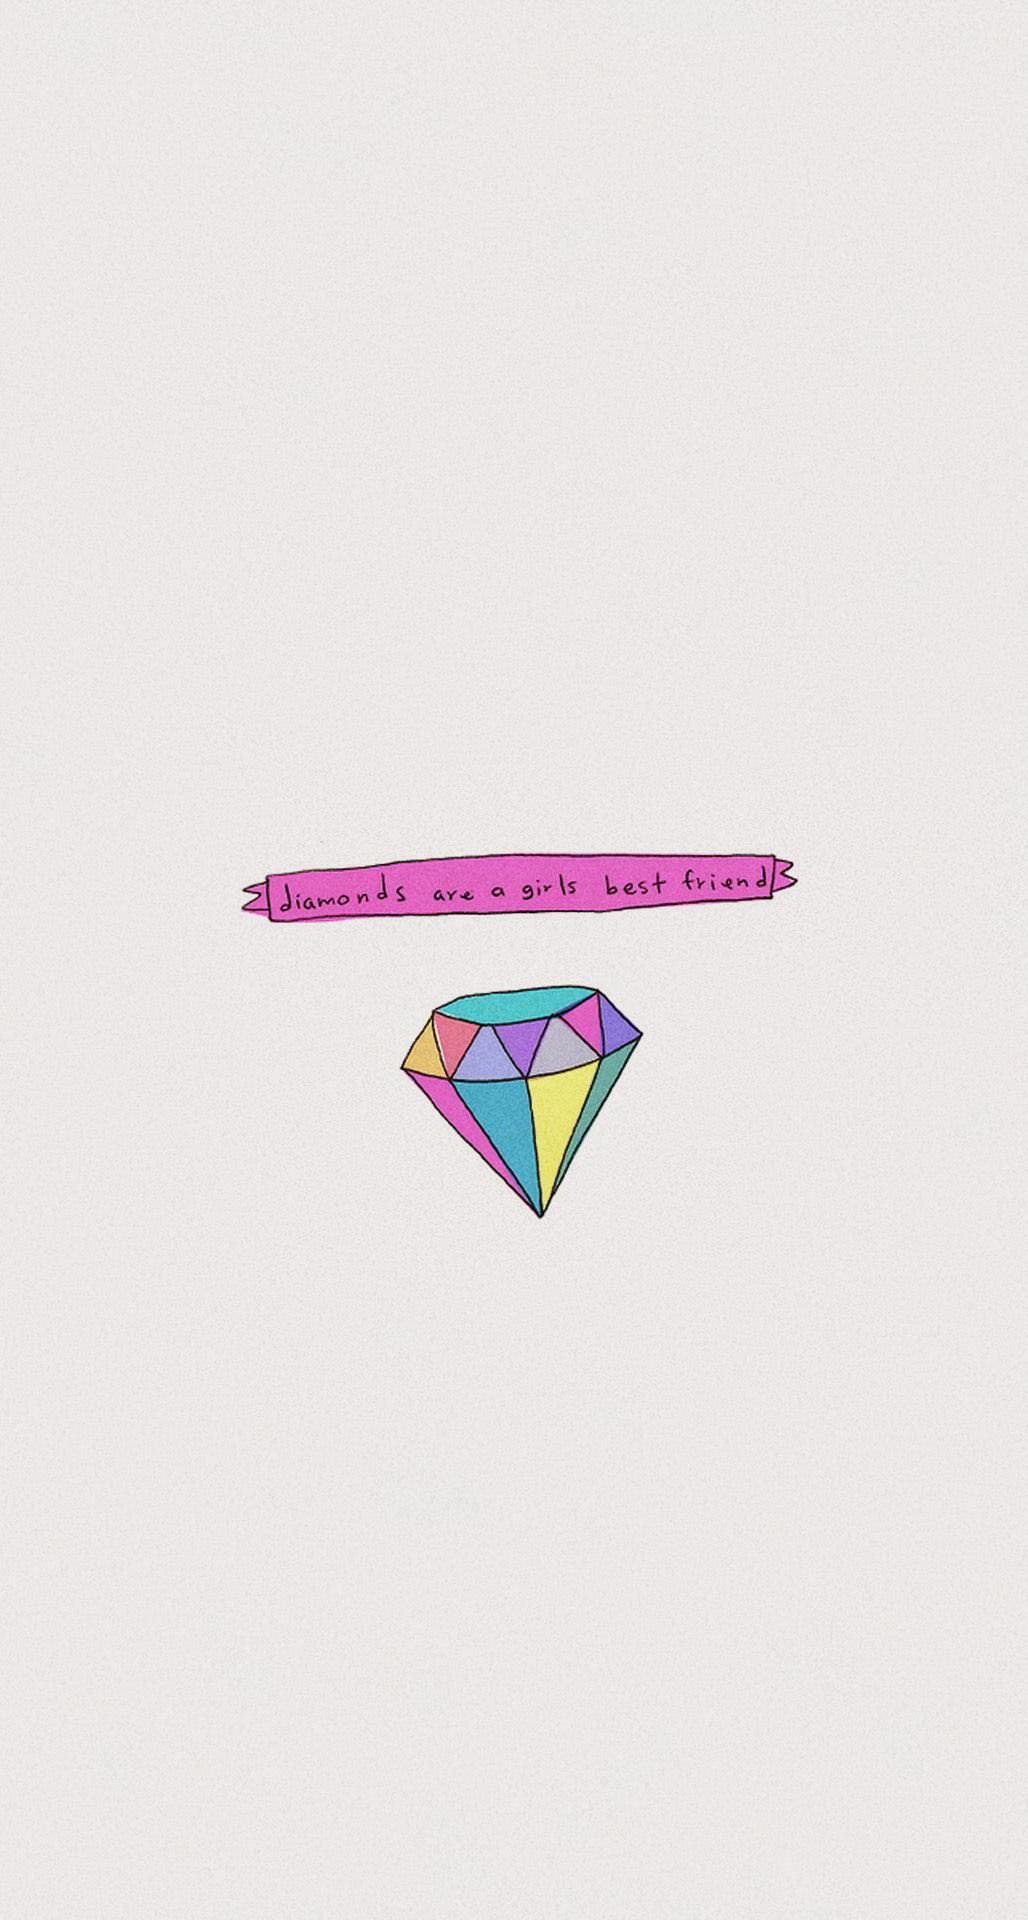 ポップなダイヤモンド iPhone6 Plus壁紙